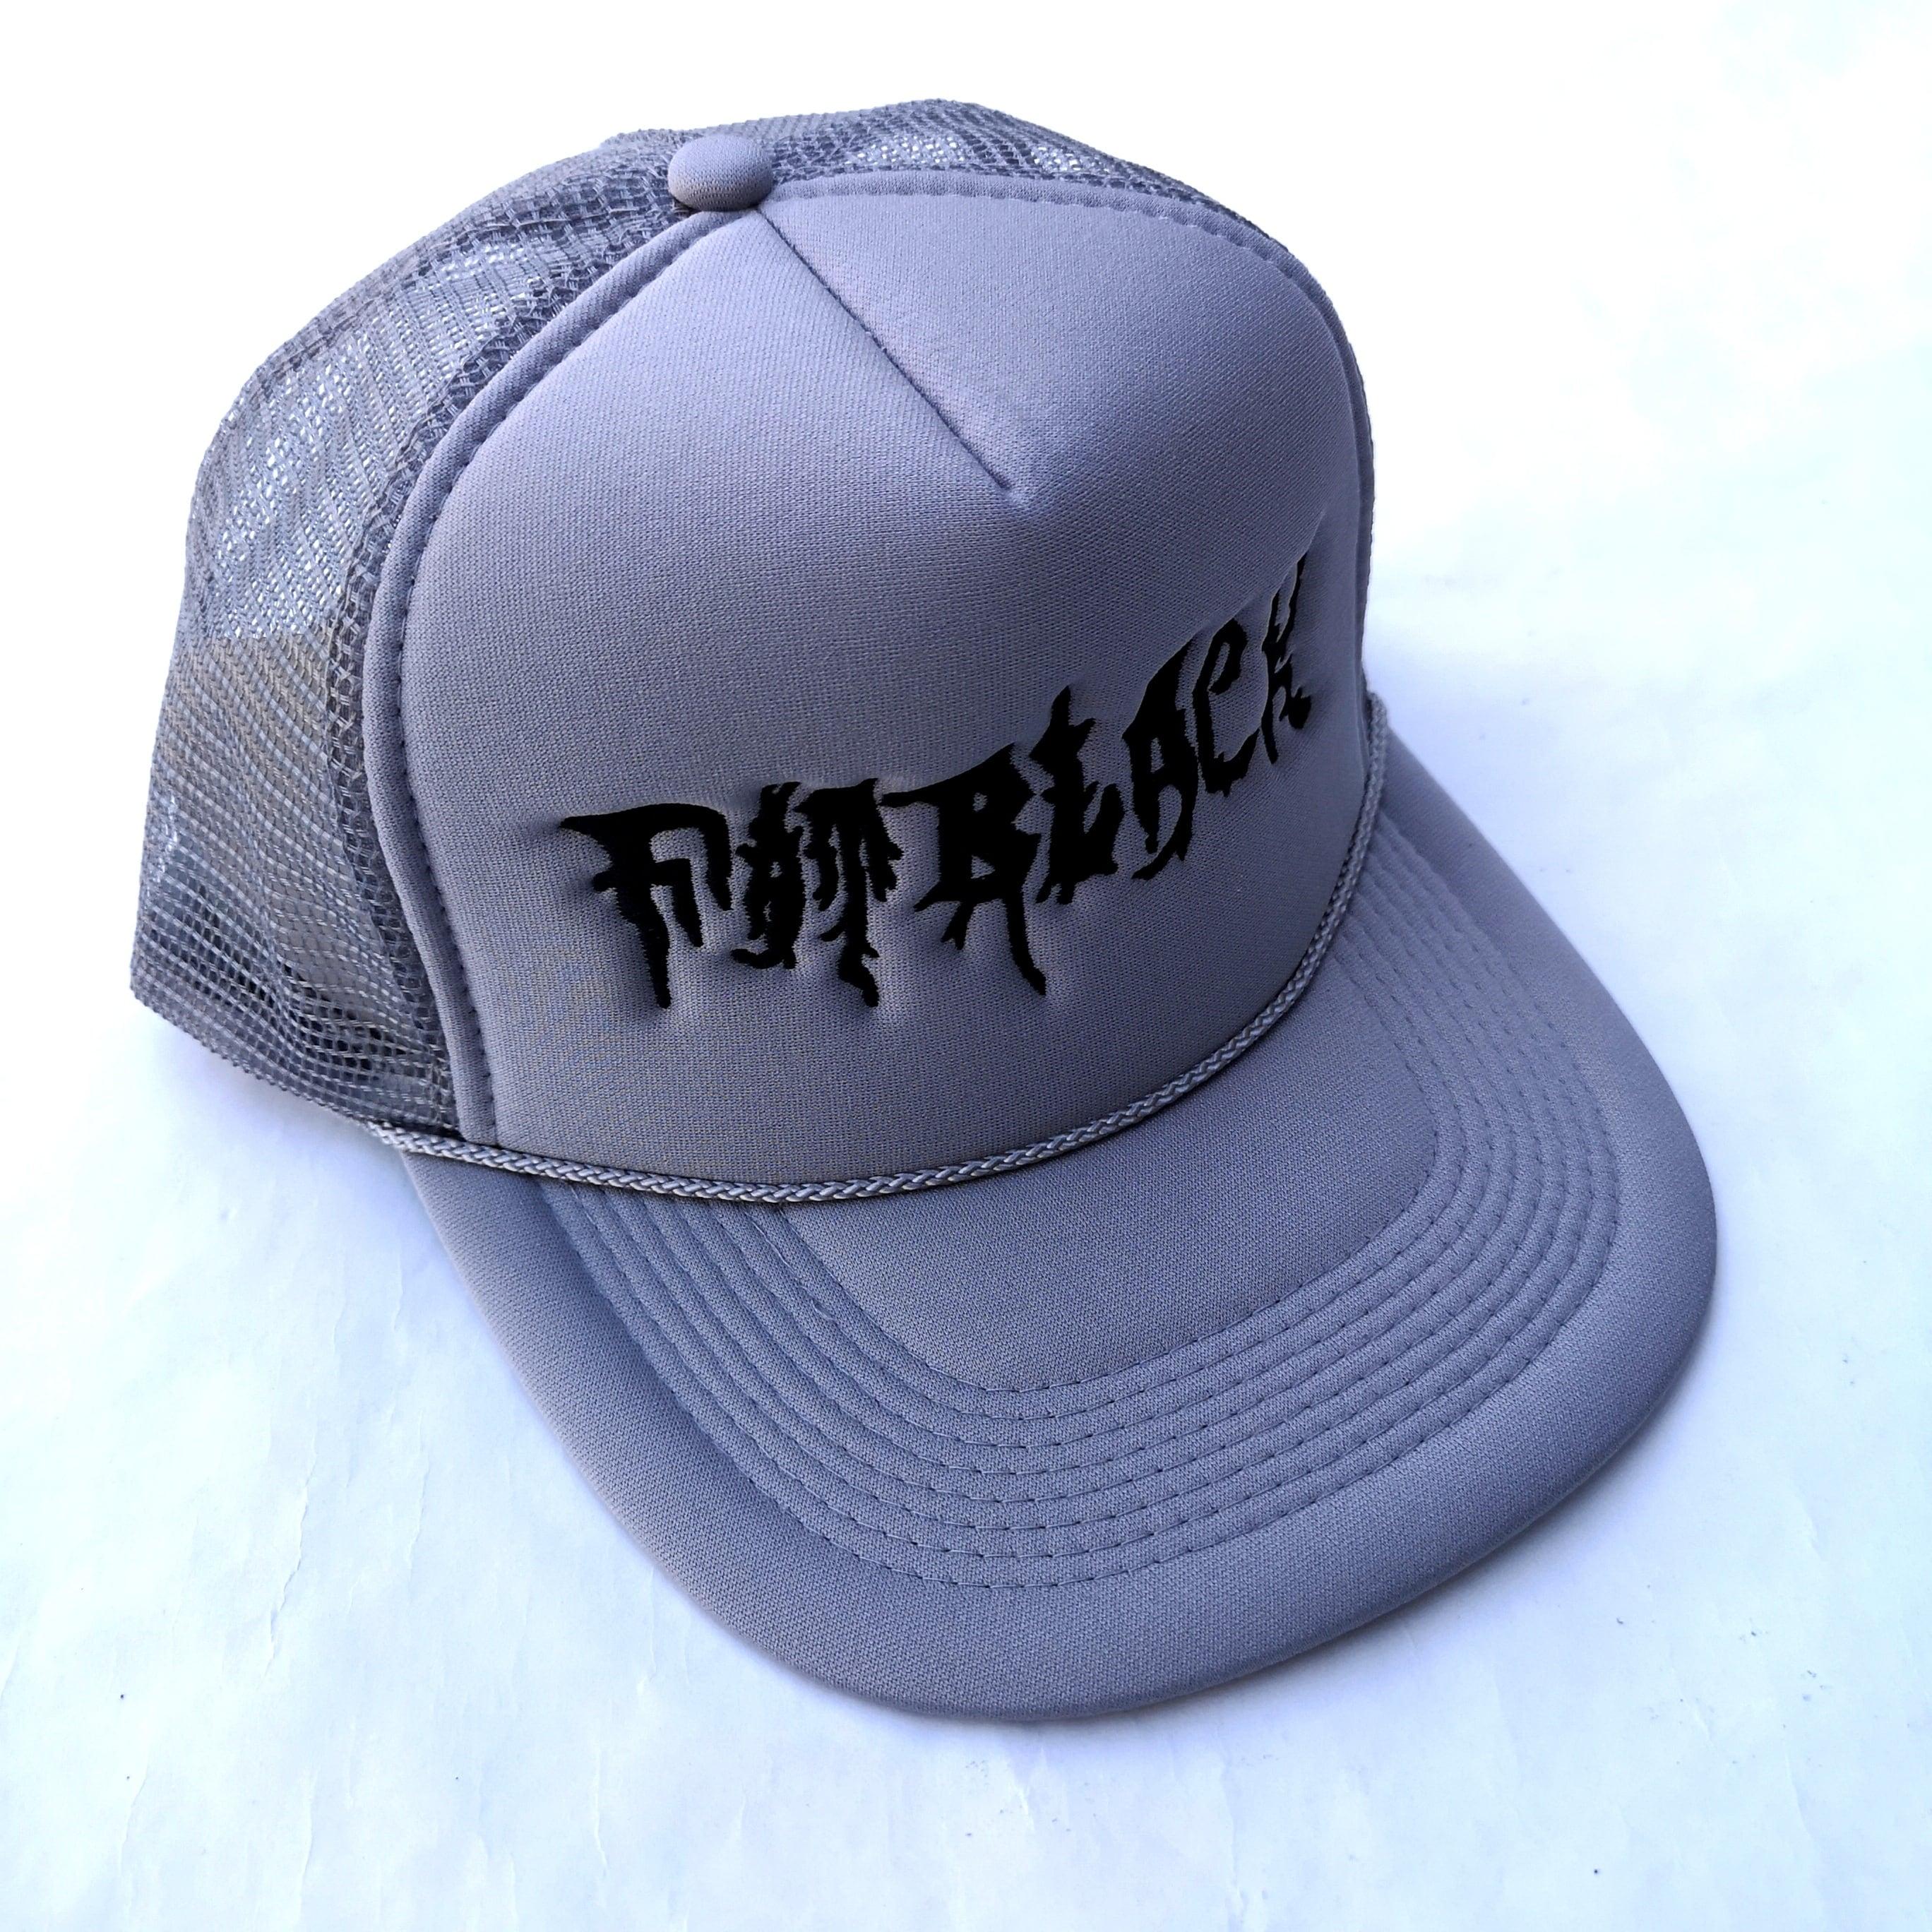 FATBLACK MESH CAP NAVY, GRAY